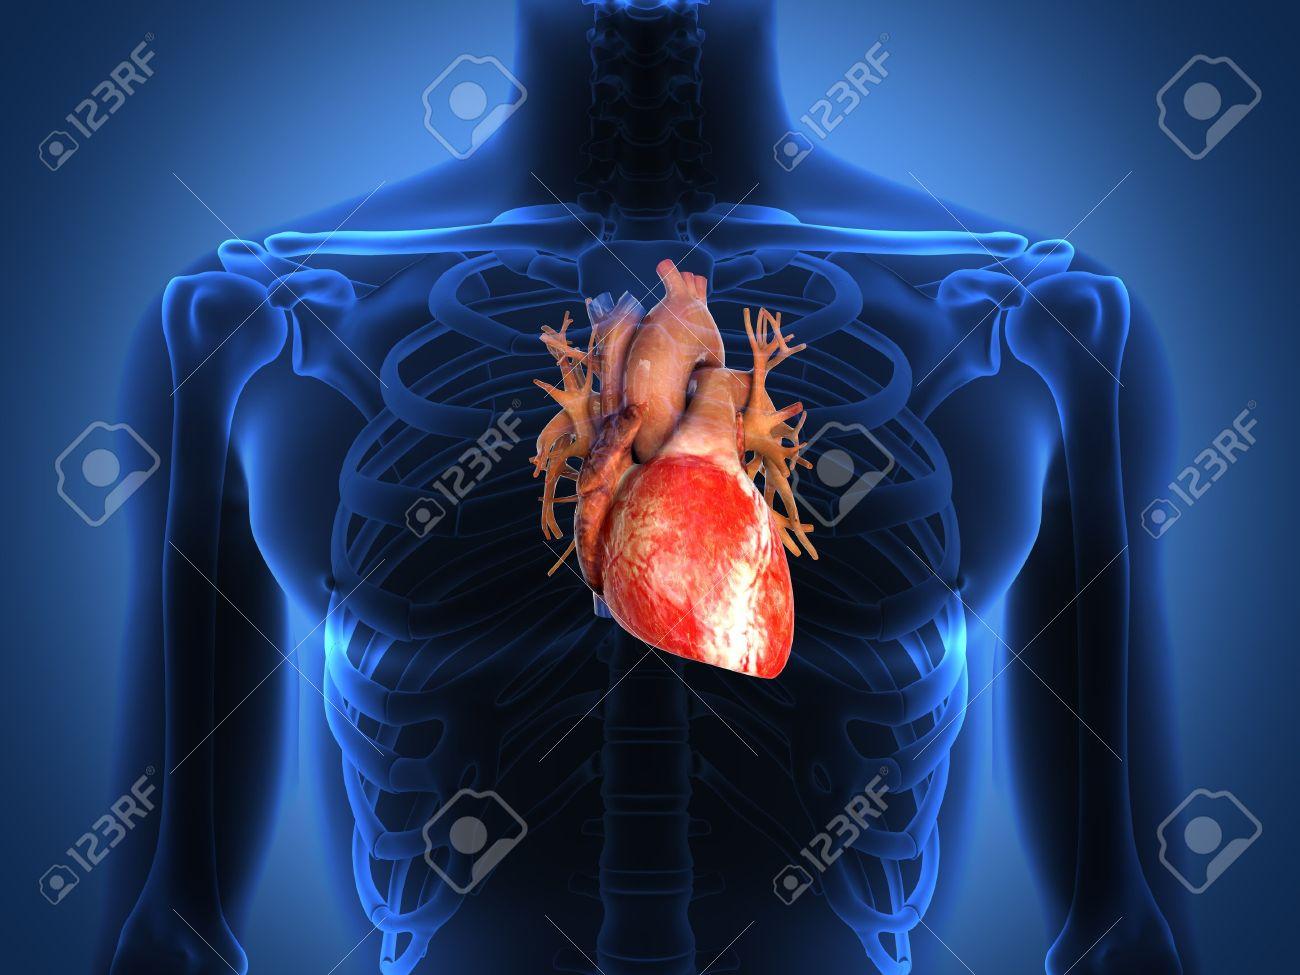 Anatomía Del Corazón Humano A Partir De Un Cuerpo Sano Fotos ...